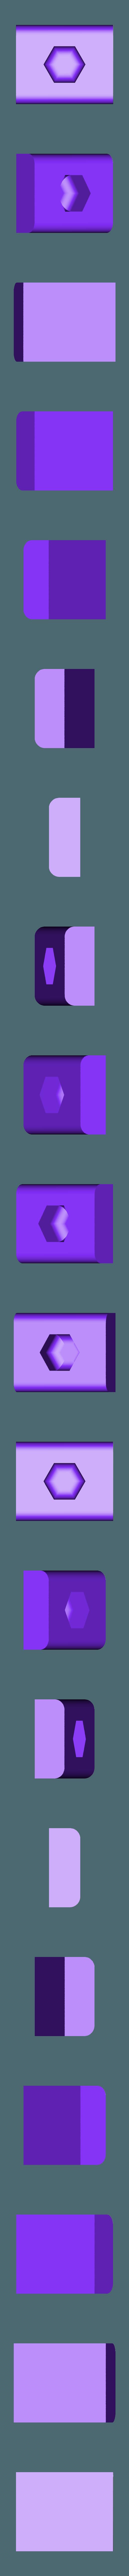 Bar_Nut_Insert_v1-0_Medium.STL Télécharger fichier STL gratuit Insert d'écrou Rigidbot • Plan pour imprimante 3D, WalterHsiao